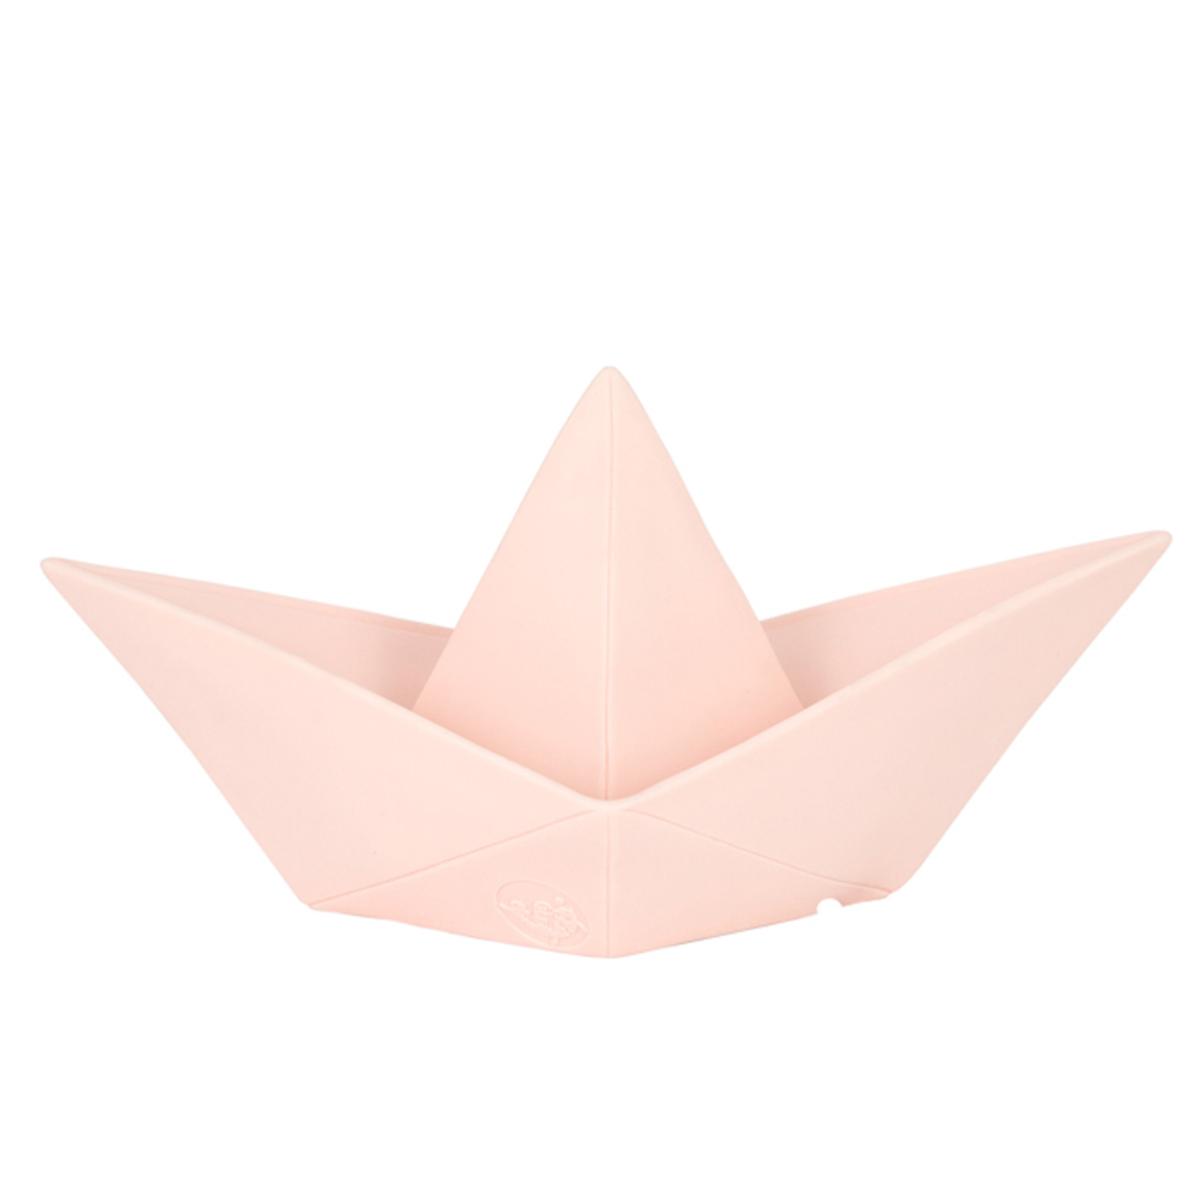 Lampe à poser Lampe Origami Boat - Rose Pâle Lampe Origami Boat - Rose Pâle